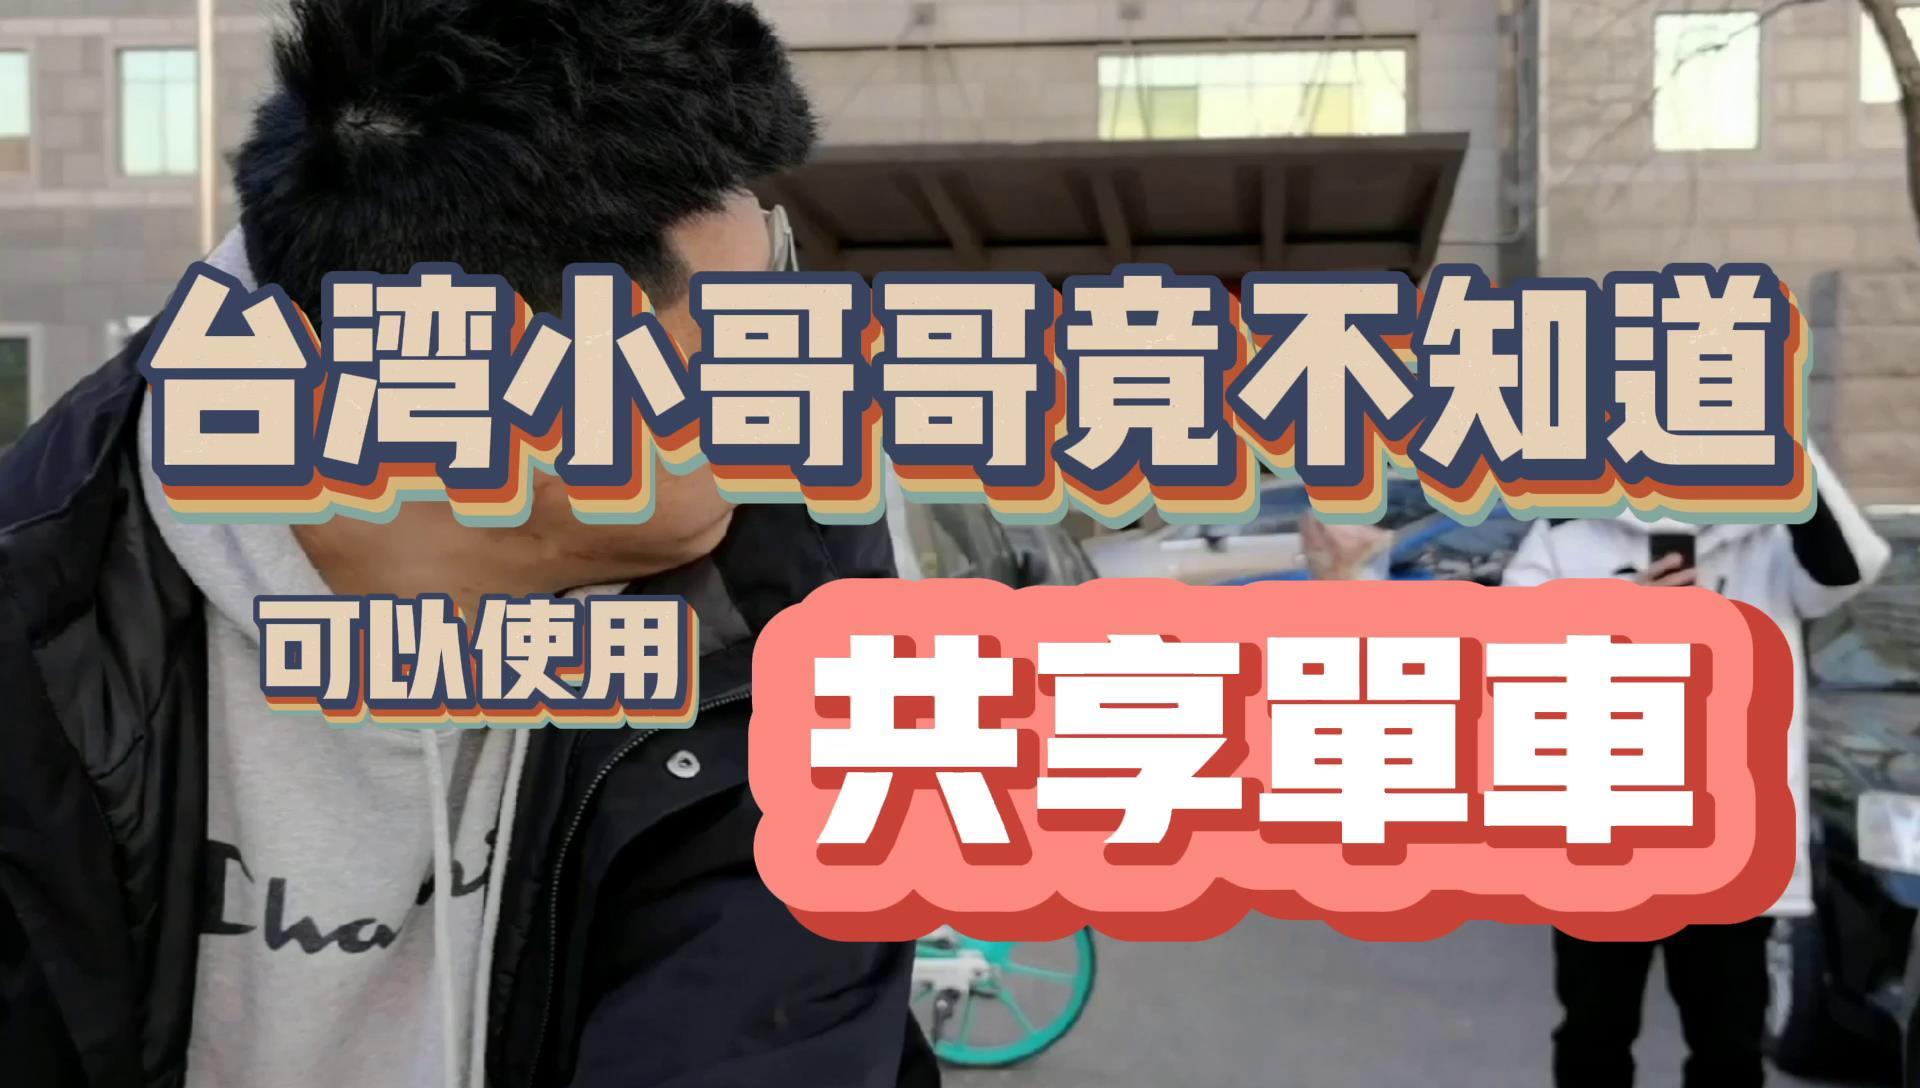 台湾小哥哥竟然不知道自己可以使用共享单车和滴滴打车图片